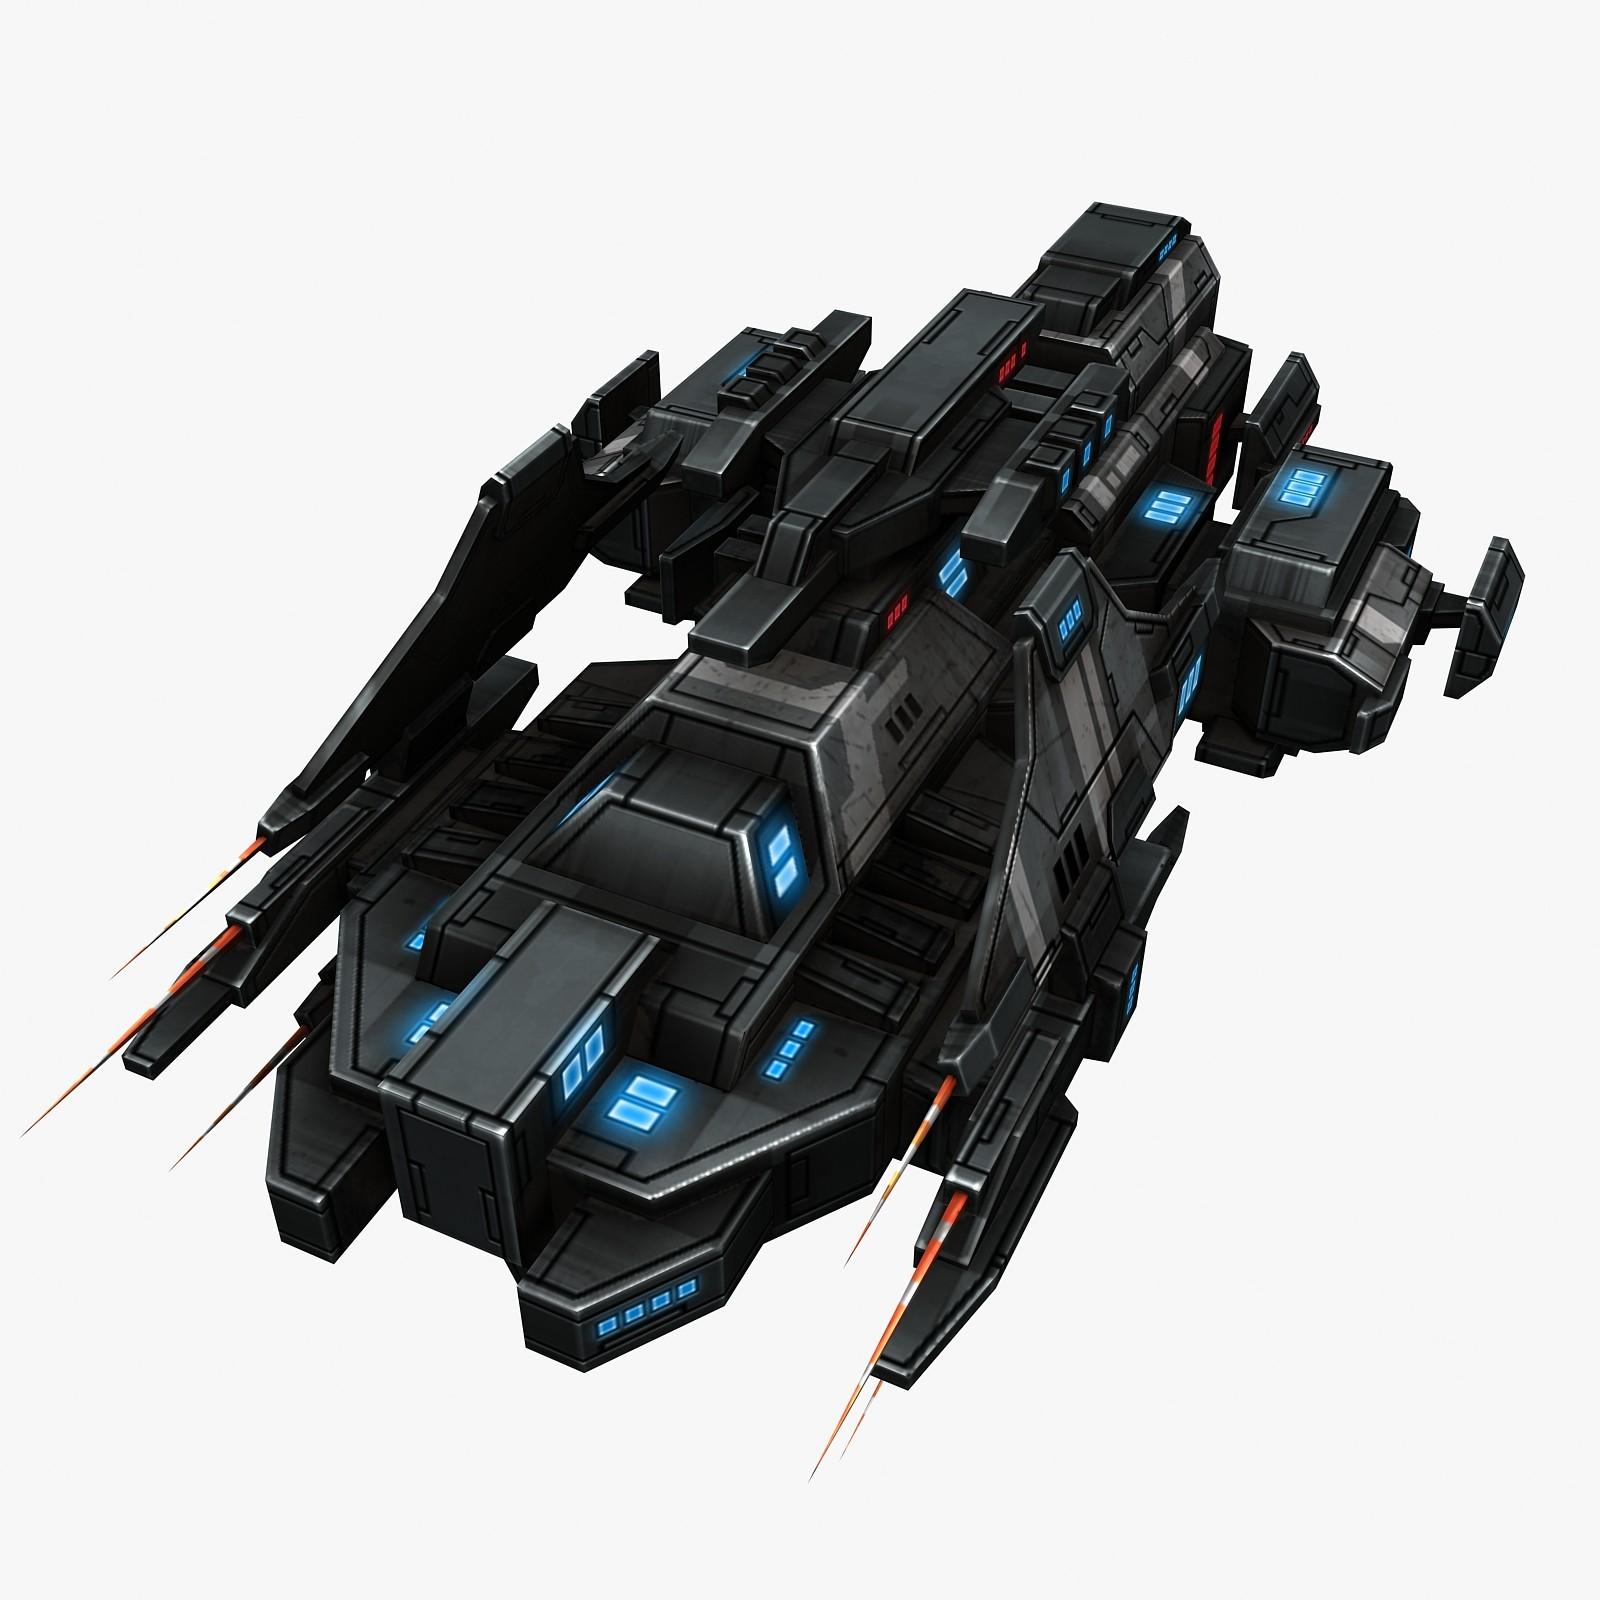 battleship_fighter_5_preview_0.jpg